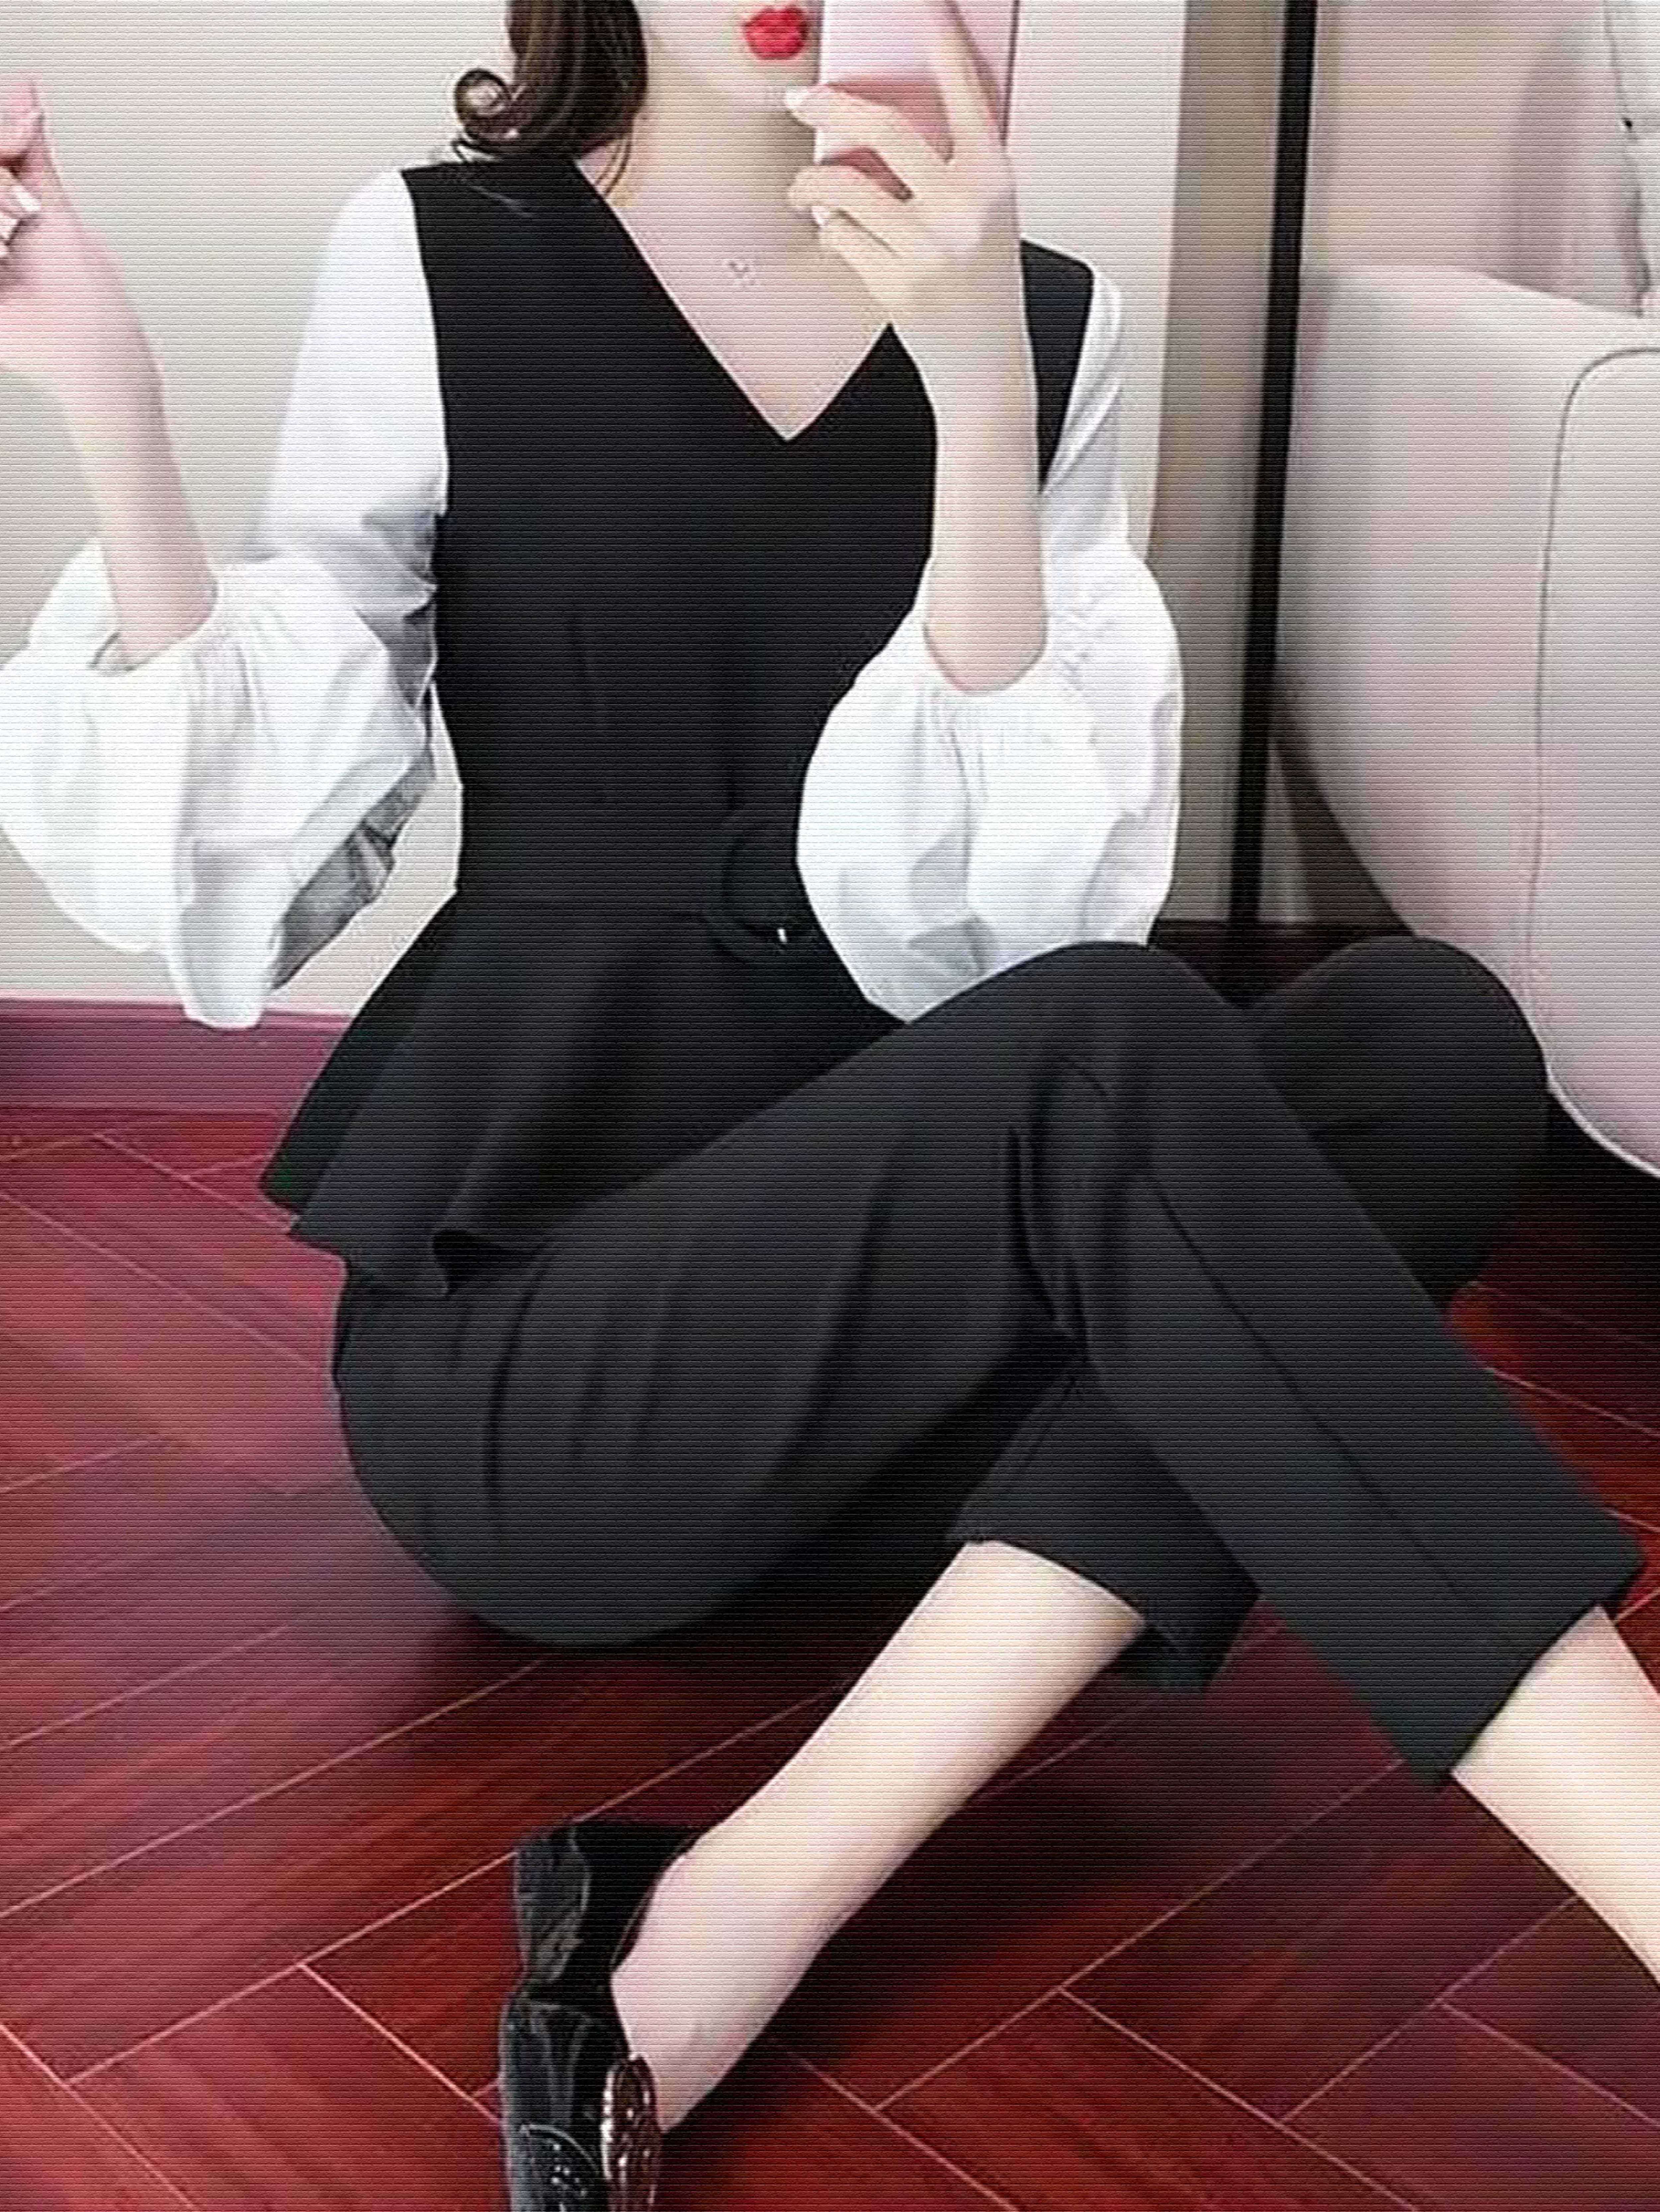 秋季新款韩版洋气收腰上衣+背心+休闲裤轻熟风三件套时尚套装潮